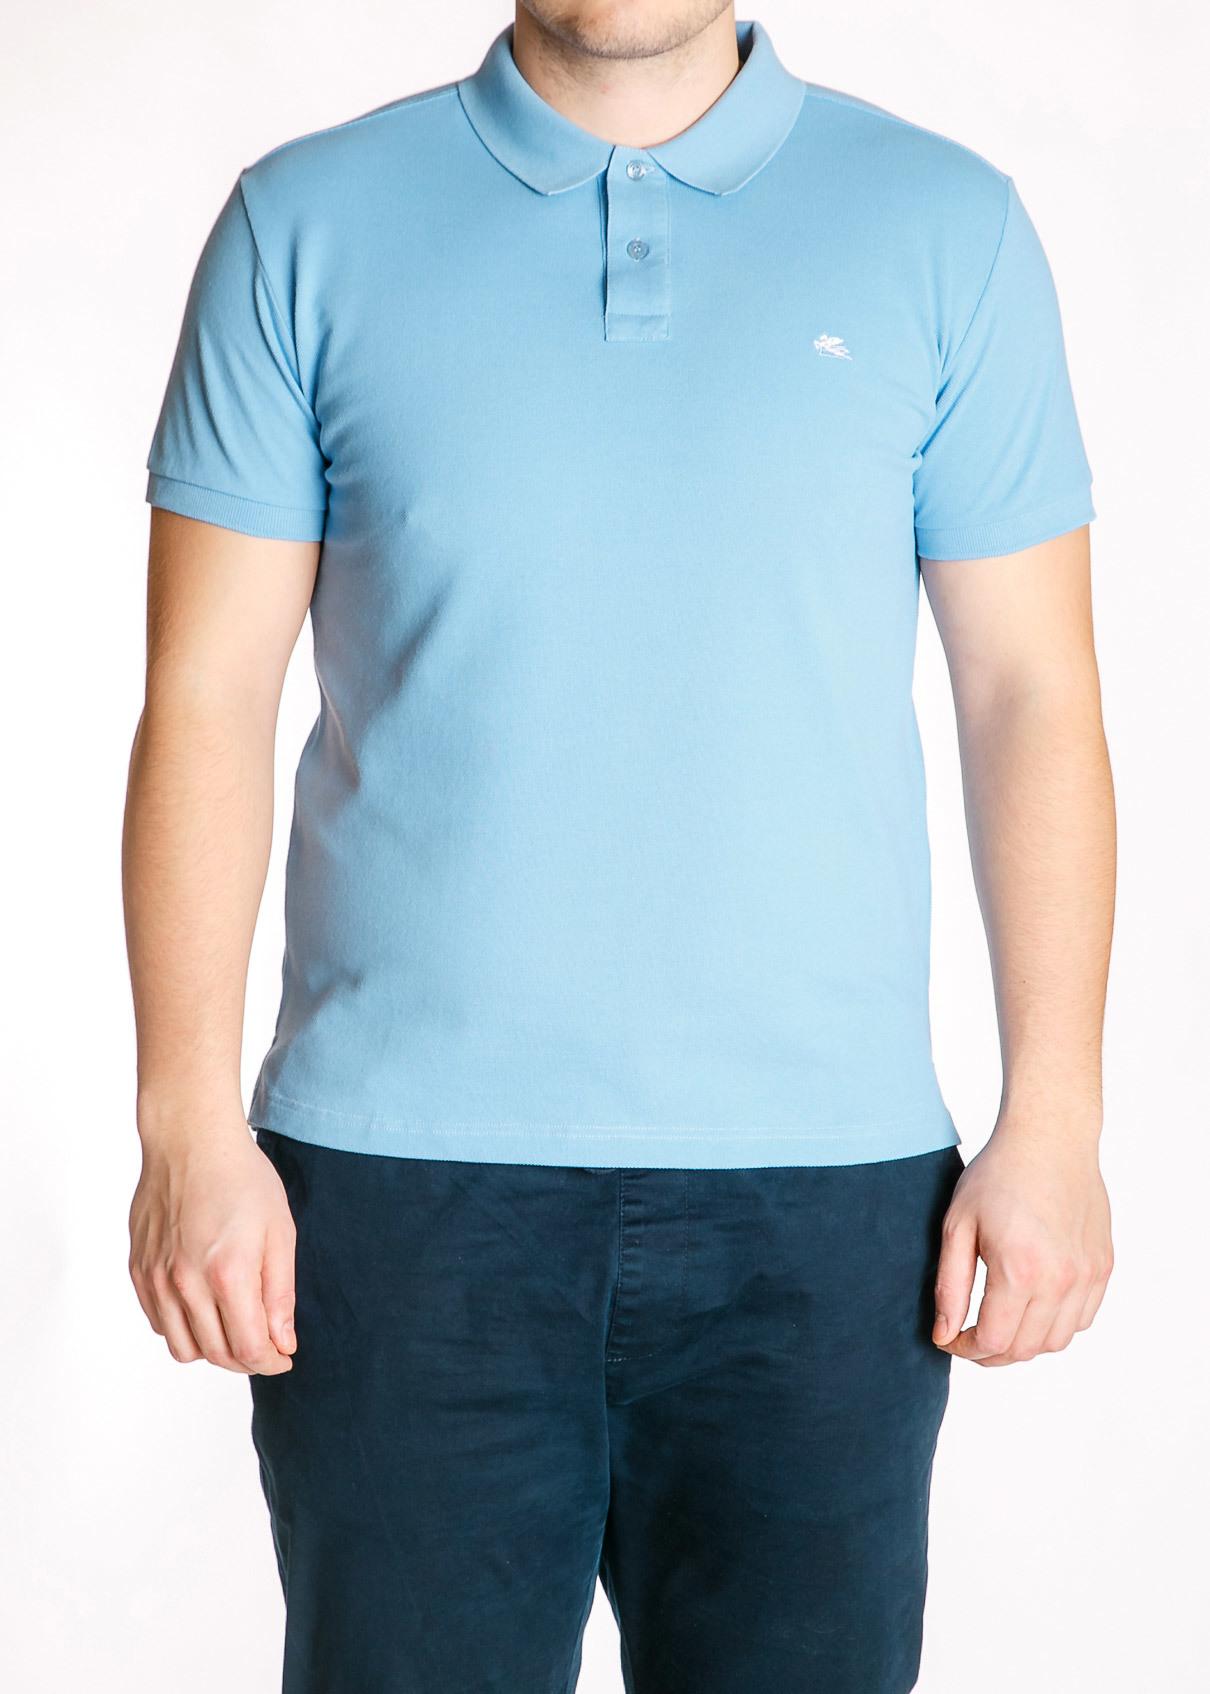 Мужская одежда весна лето 2017 доставка